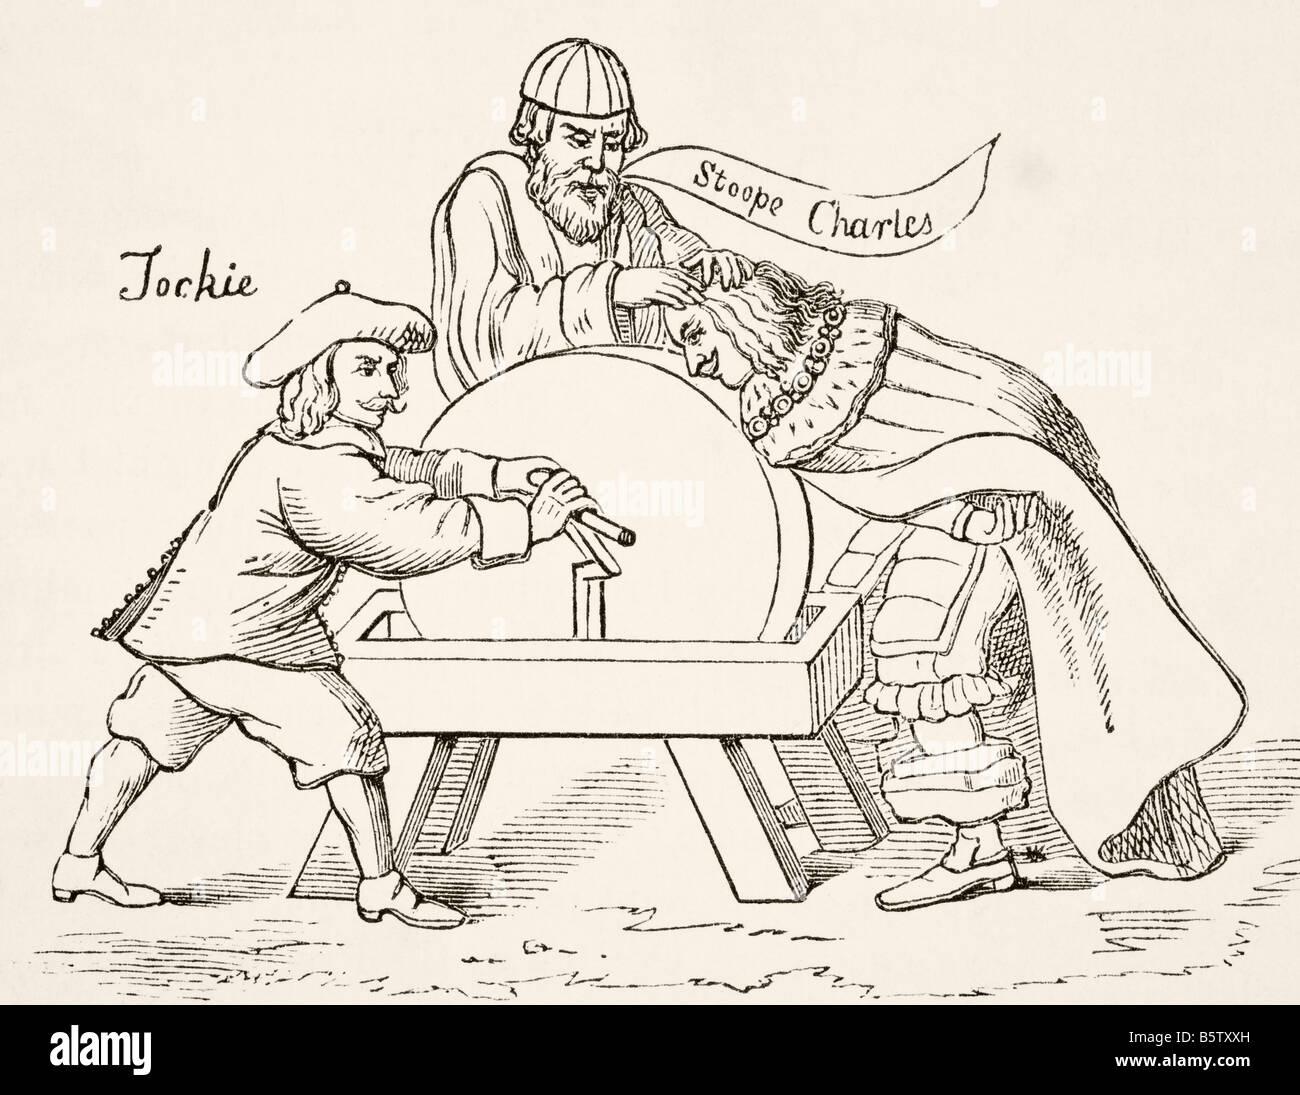 König Charles i. von England auf den Schleifstein der schottischen presbyterianischen Intoleranz A cartoon Stockbild